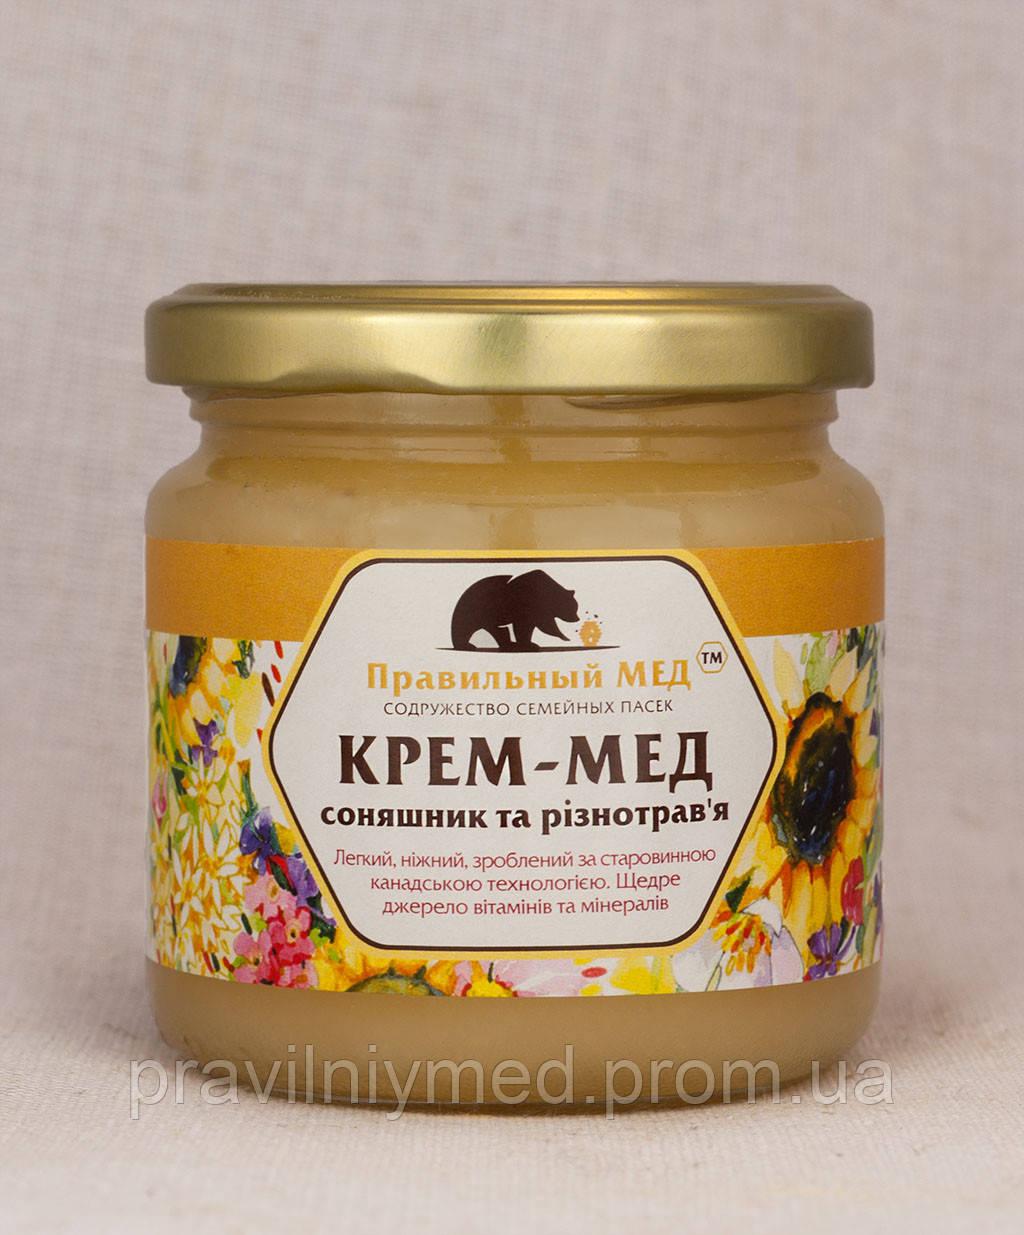 Крем-Мёд Цветочный. Мед-Суфле. Взбитый Мед. ТМ Парвильный Мед